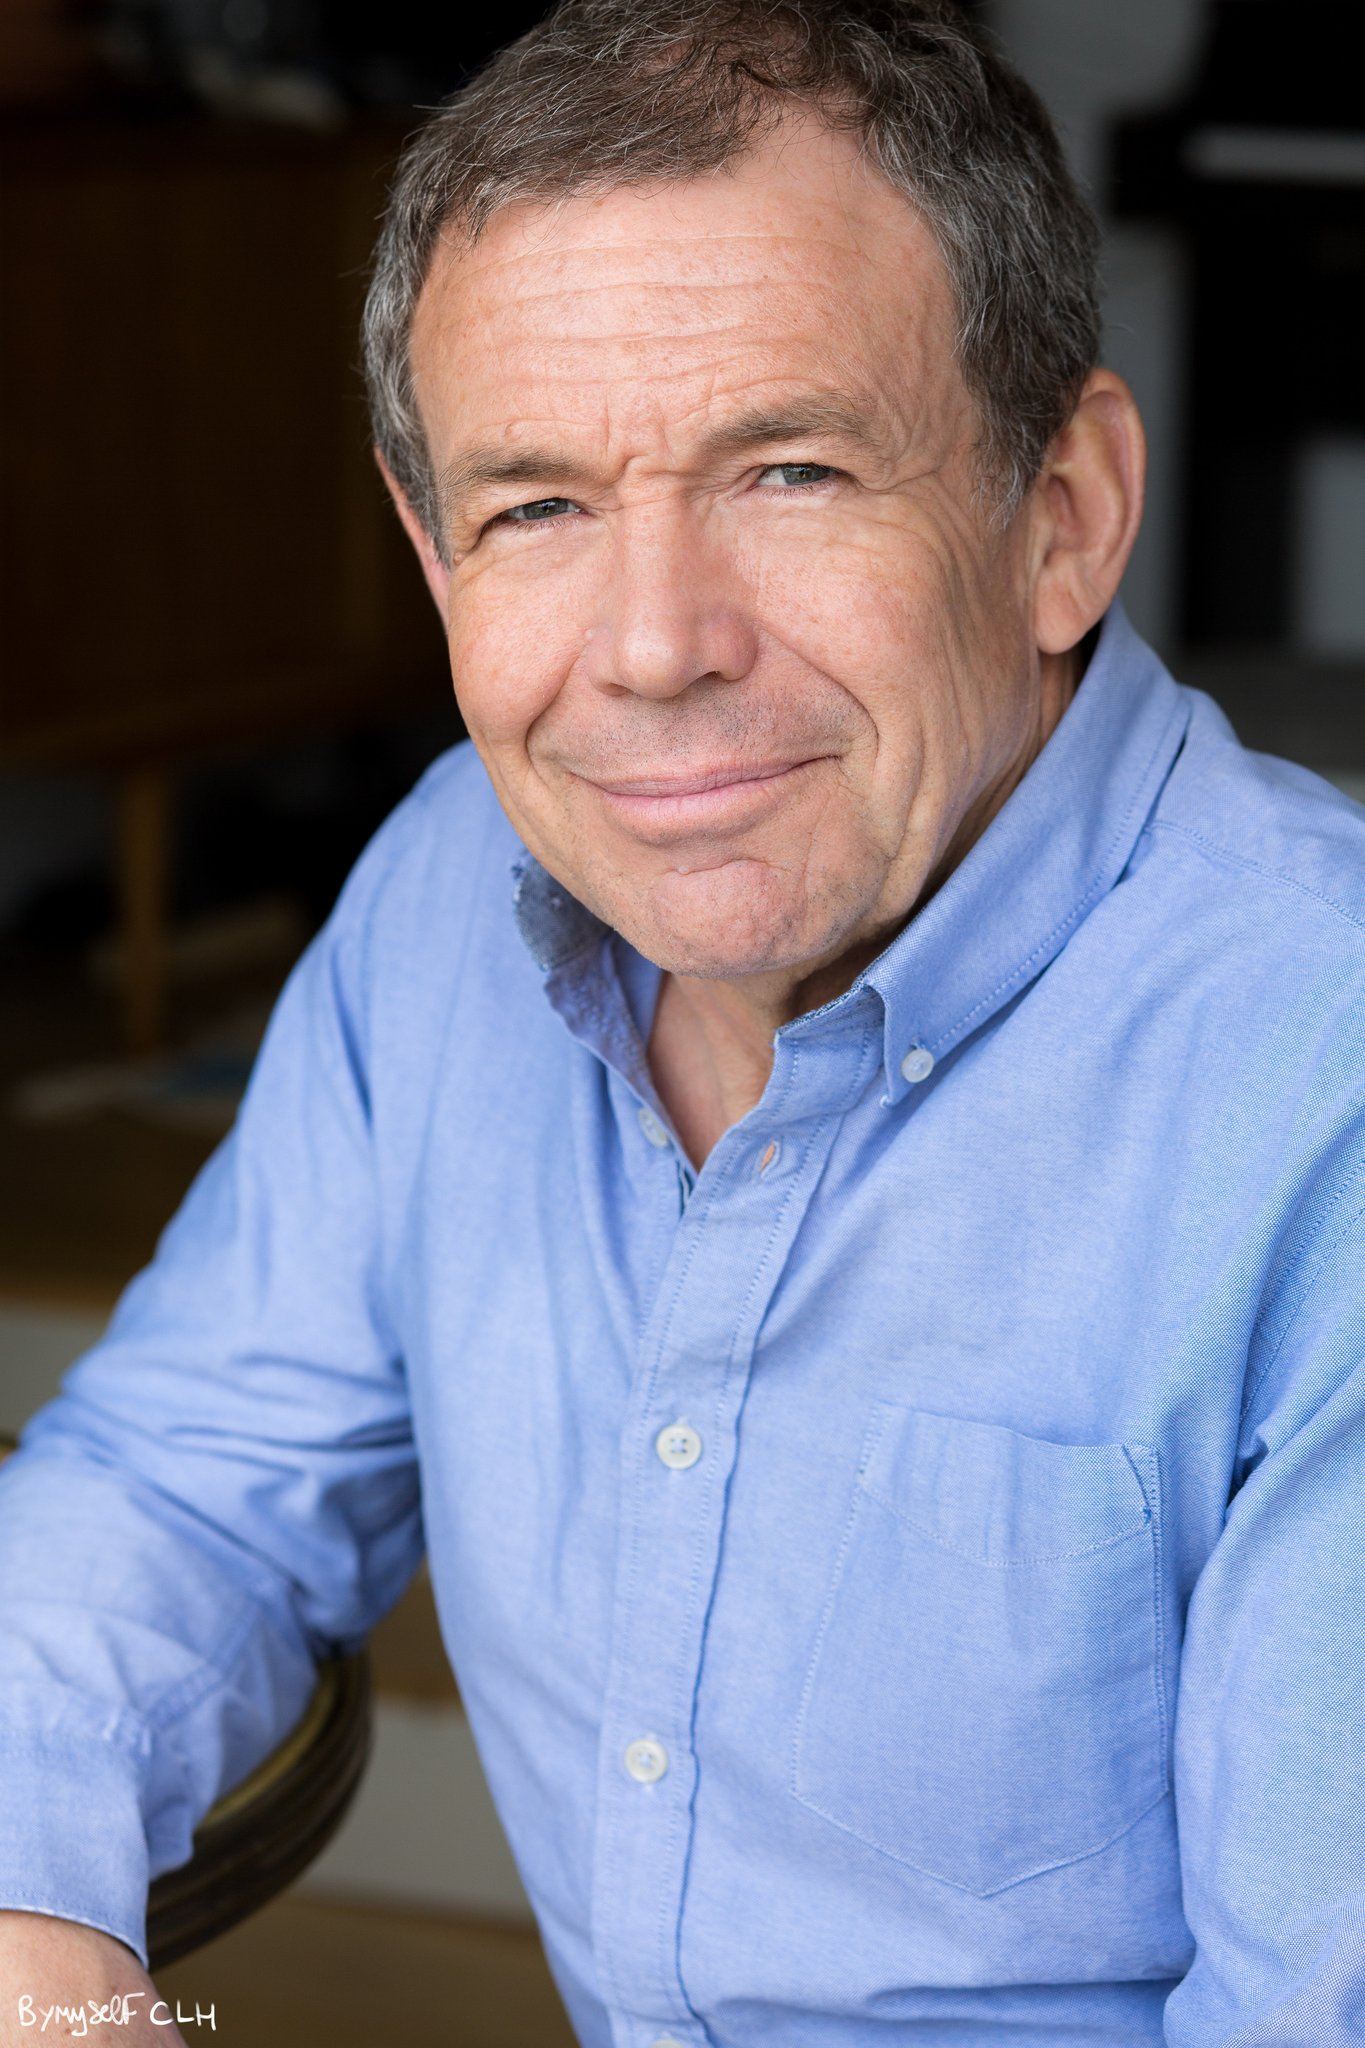 Jean-Paul Dix 51